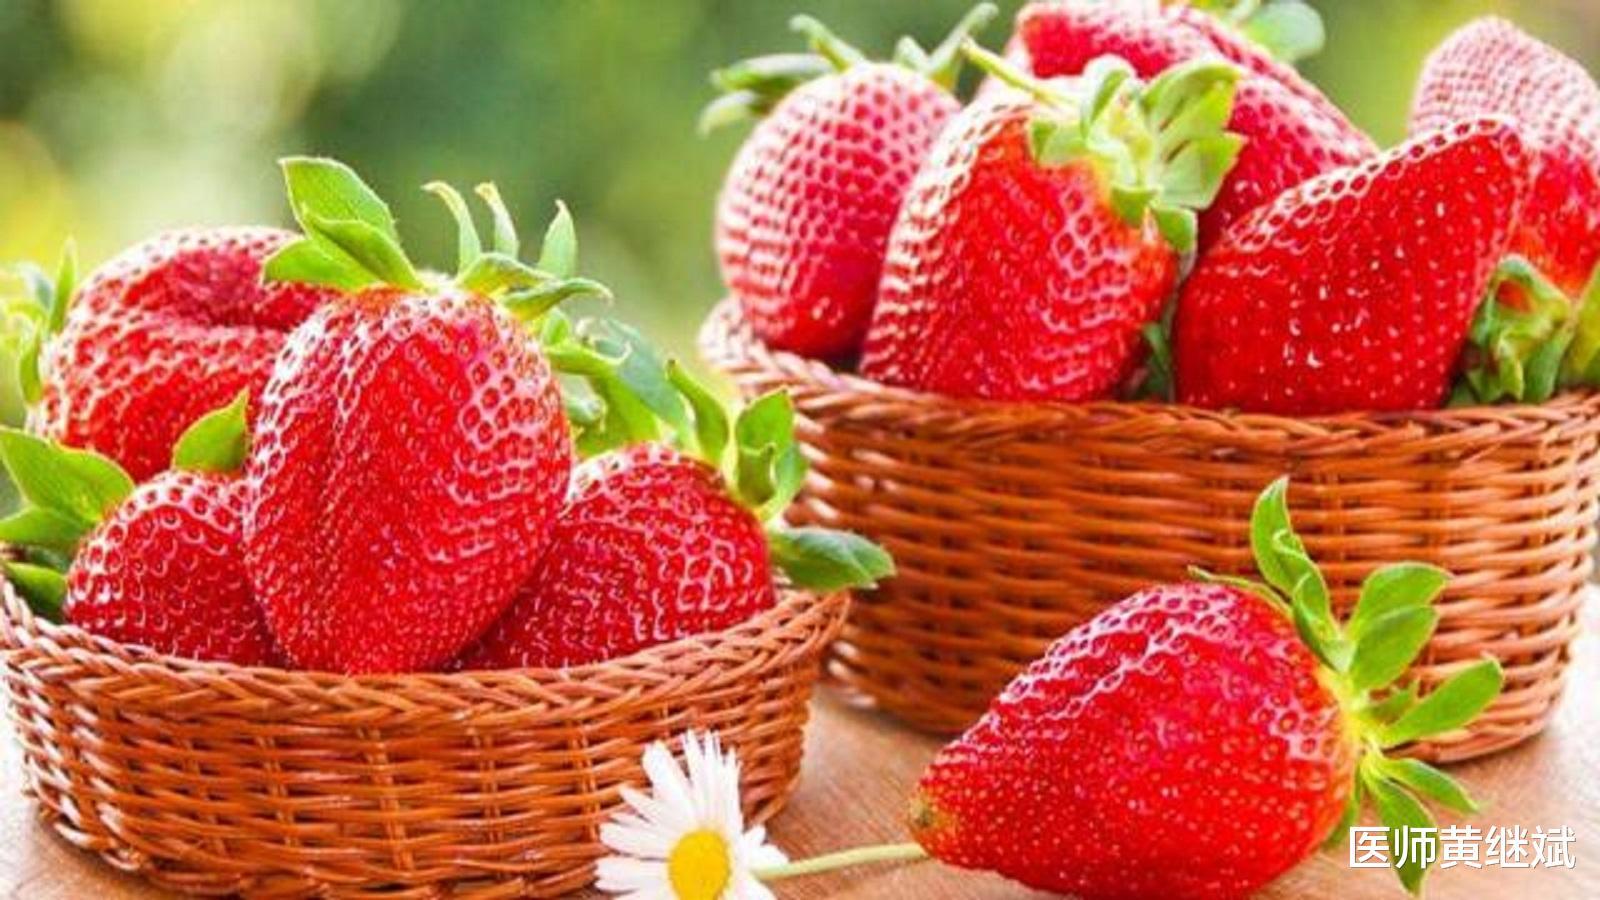 富含維生素C,被列入十大美容食品,草莓怎么吃更美白?